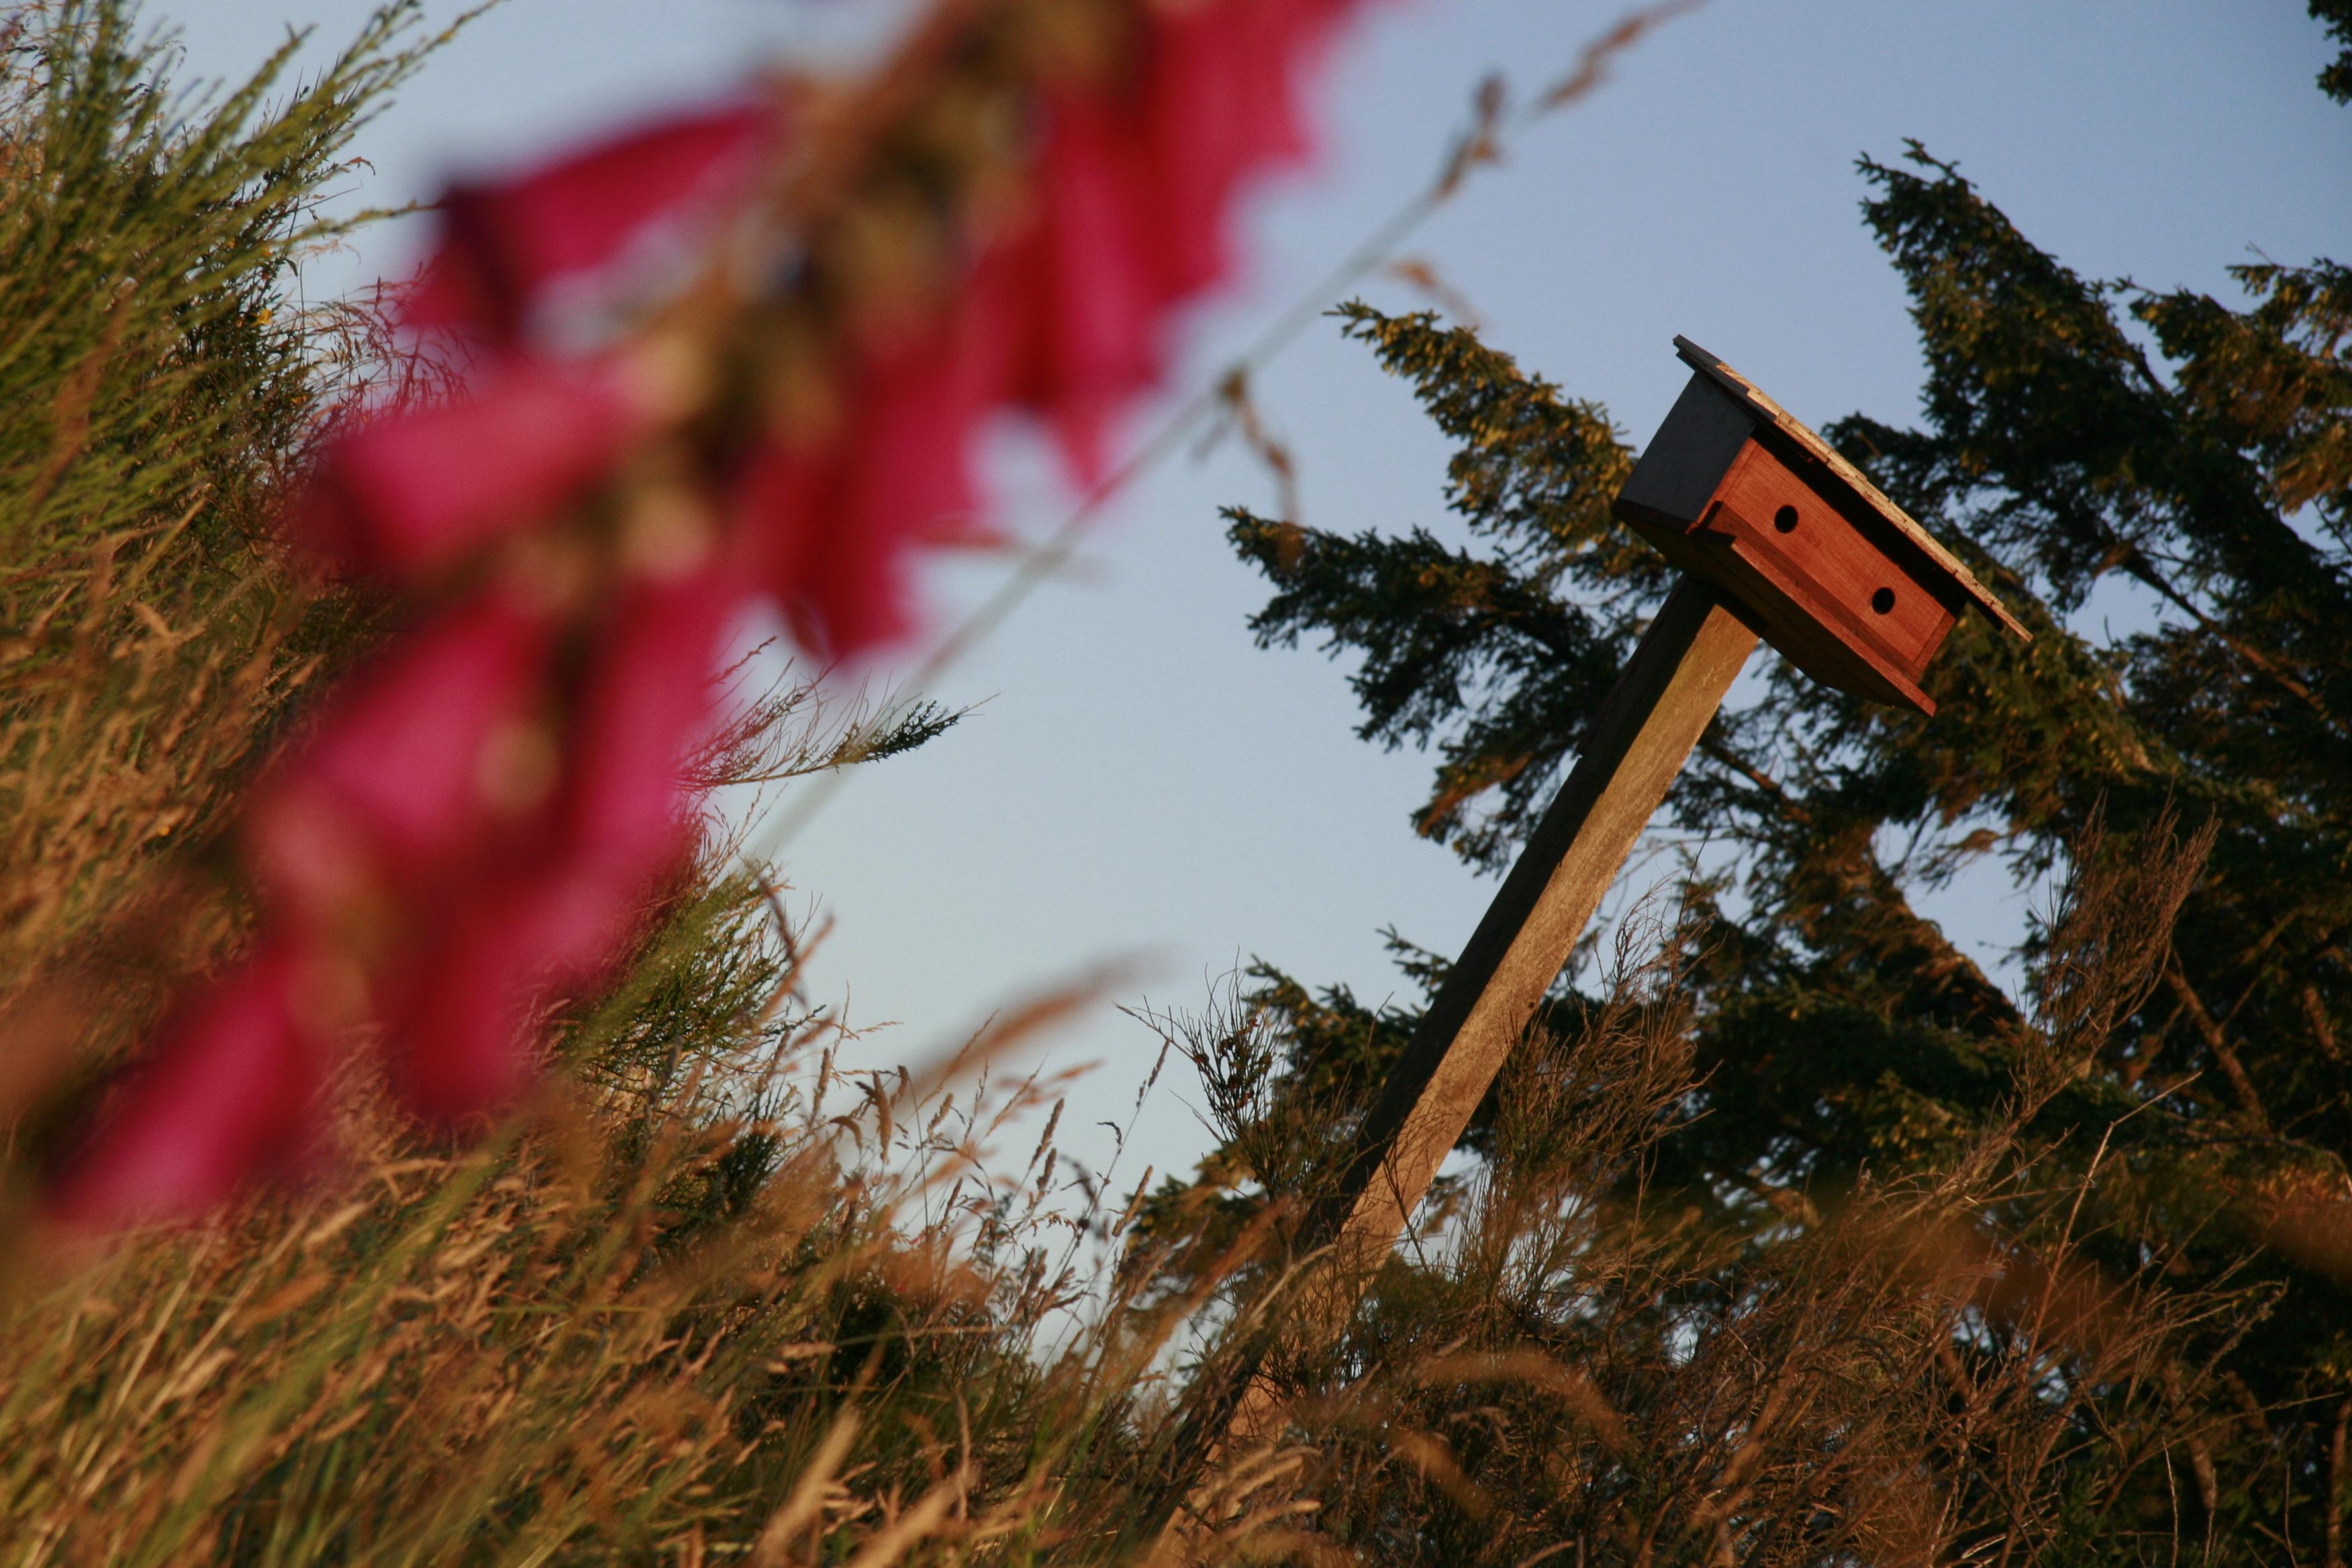 More birdhouses...